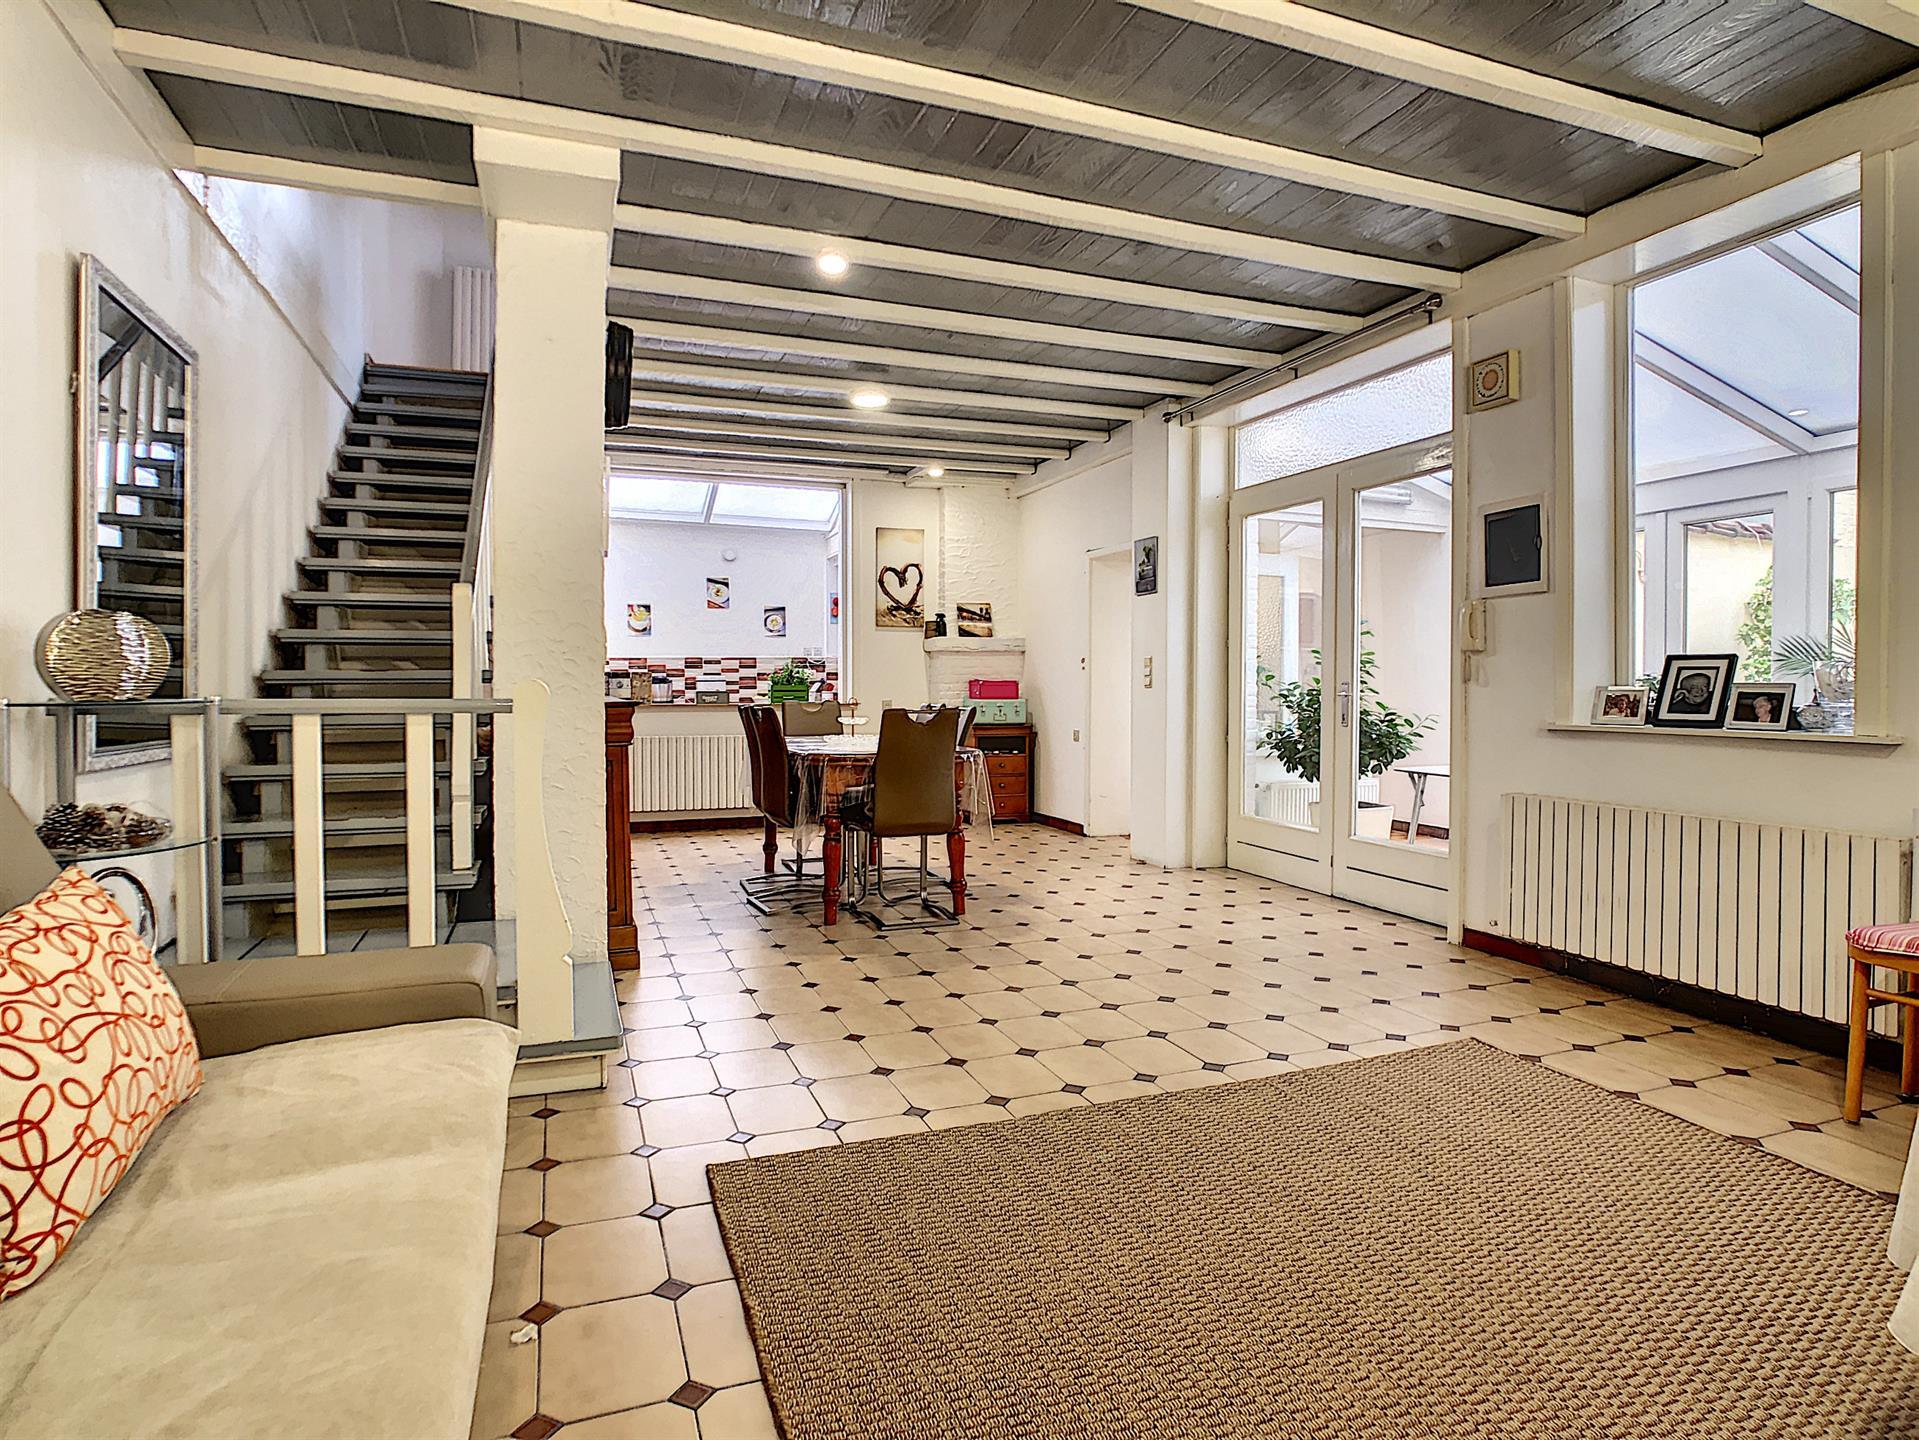 Maison - Anderlecht - #4489859-7